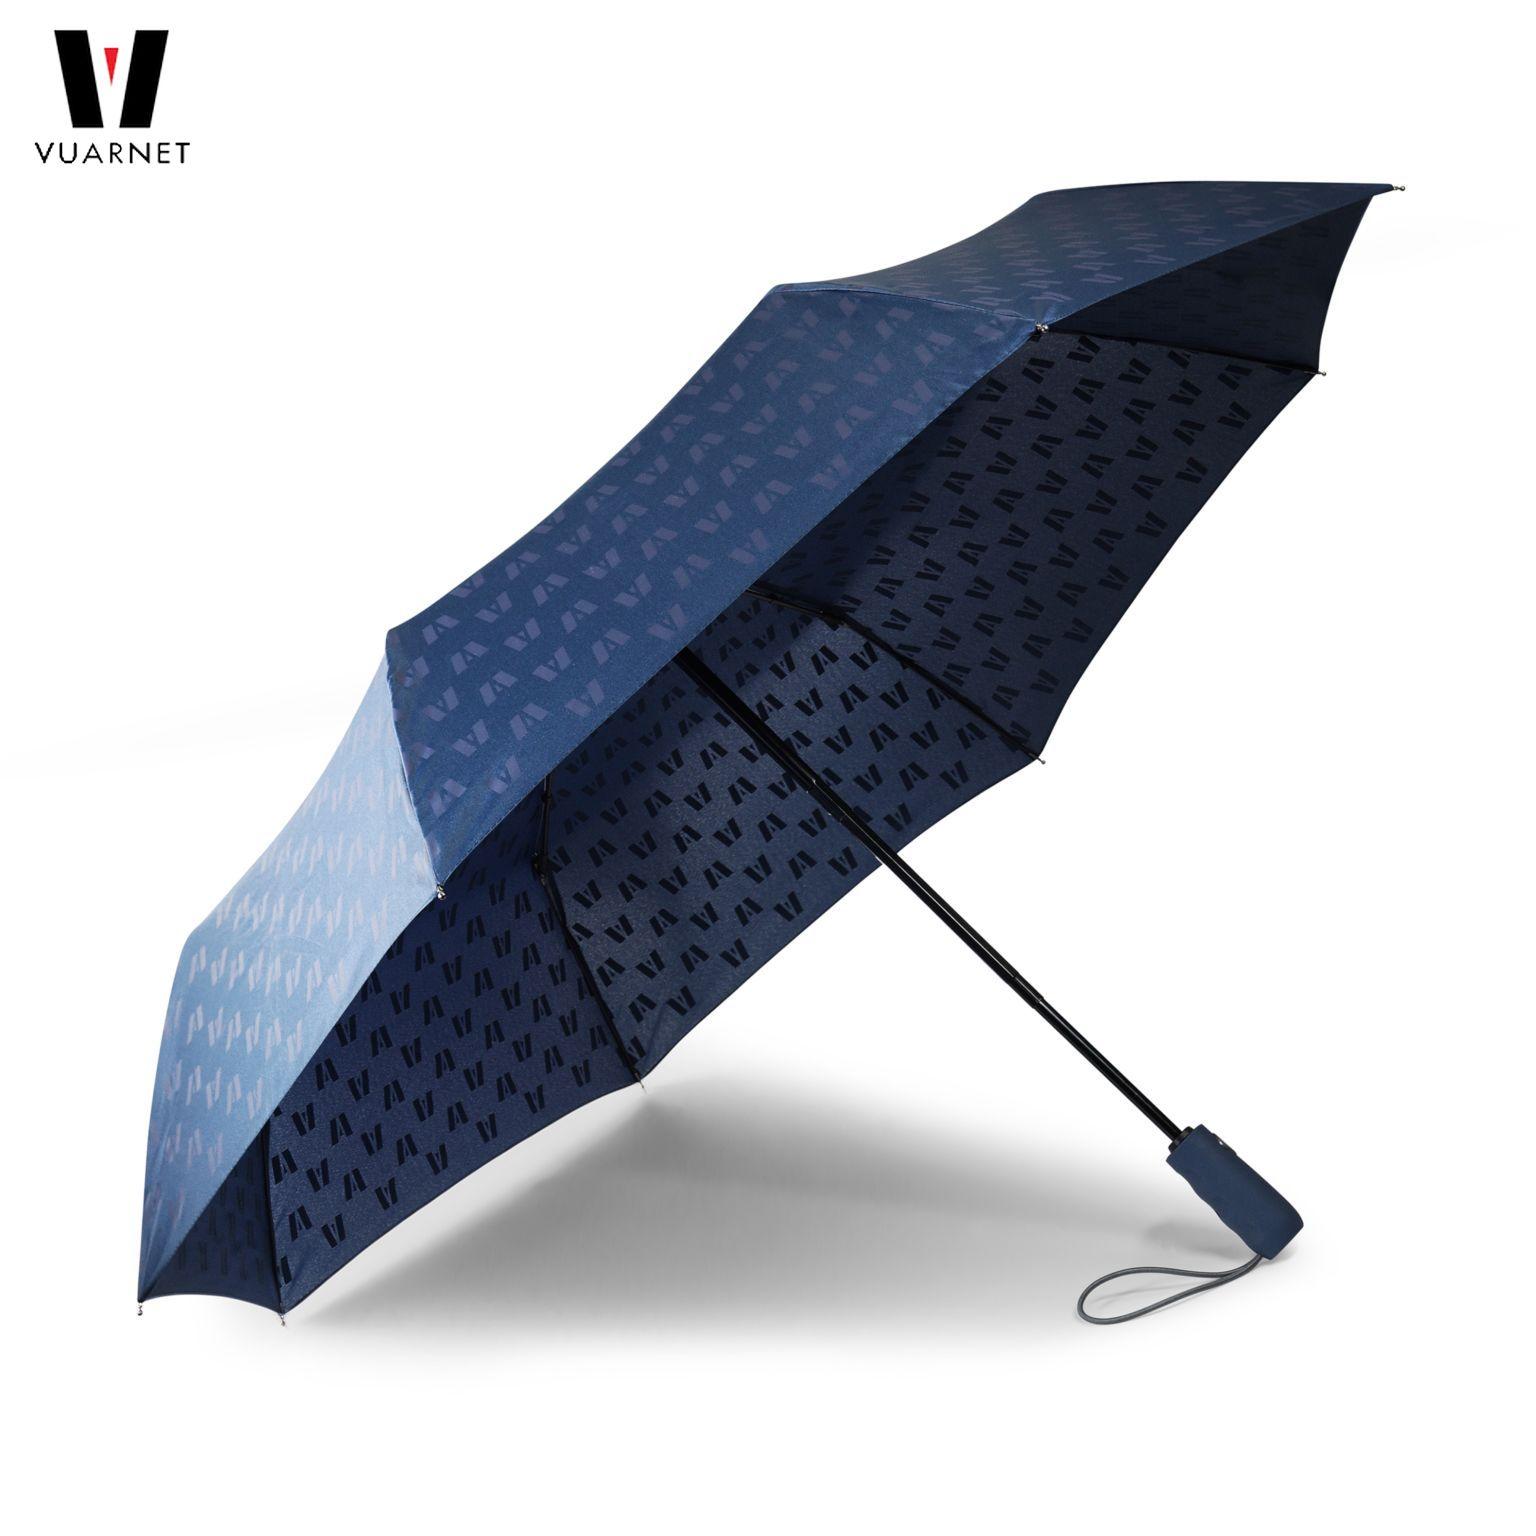 Parapluie pliable VUARNET